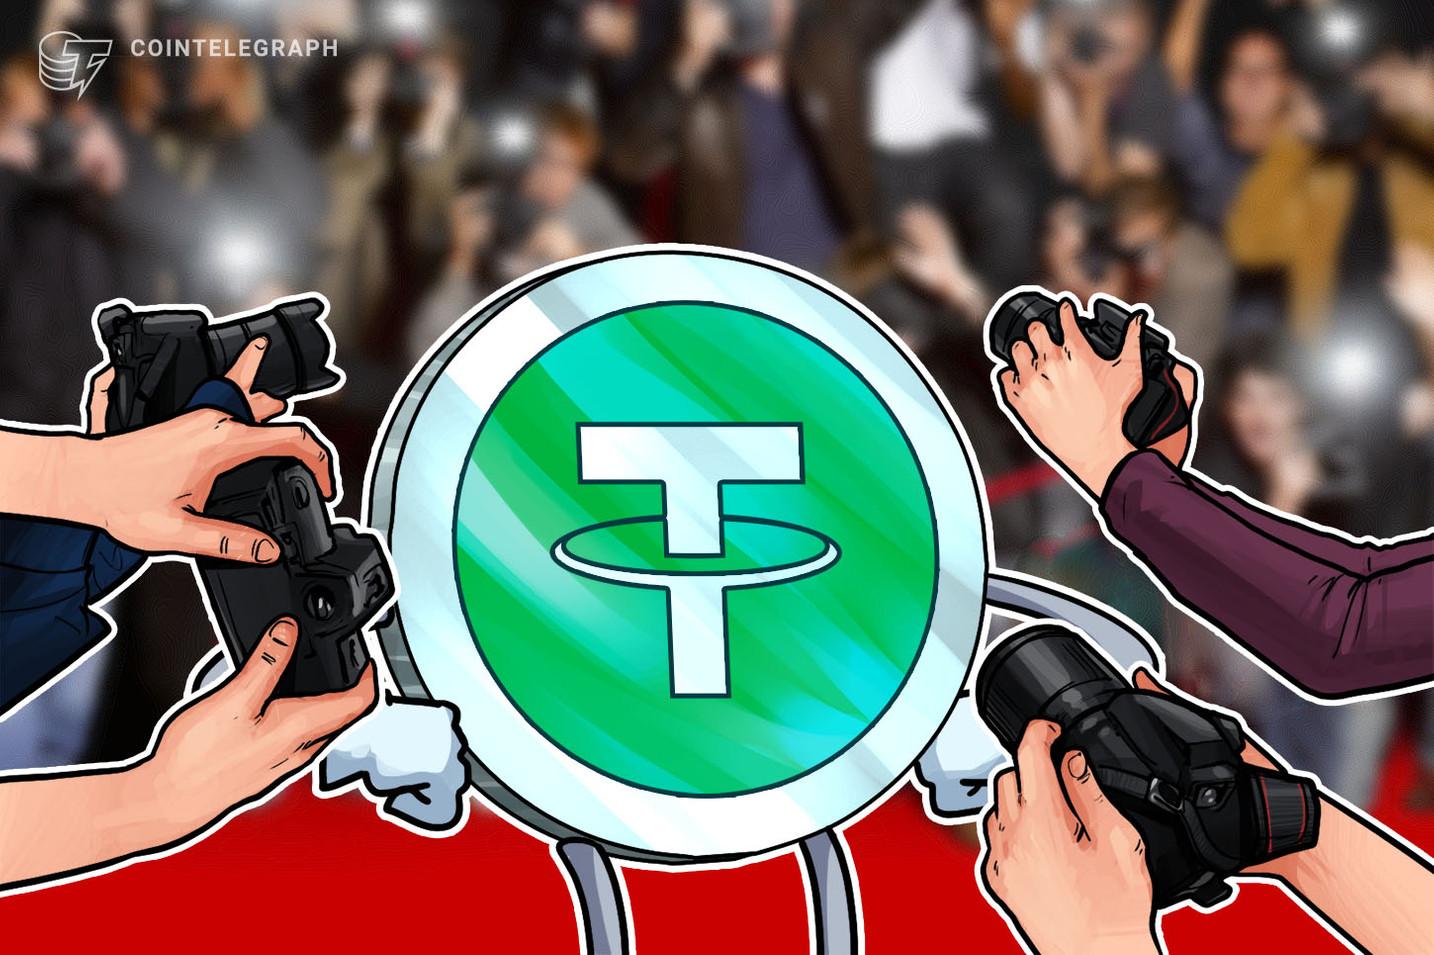 """Tether considera """"imprudentes y falsas"""" a las acusaciones de manipulación del mercado"""